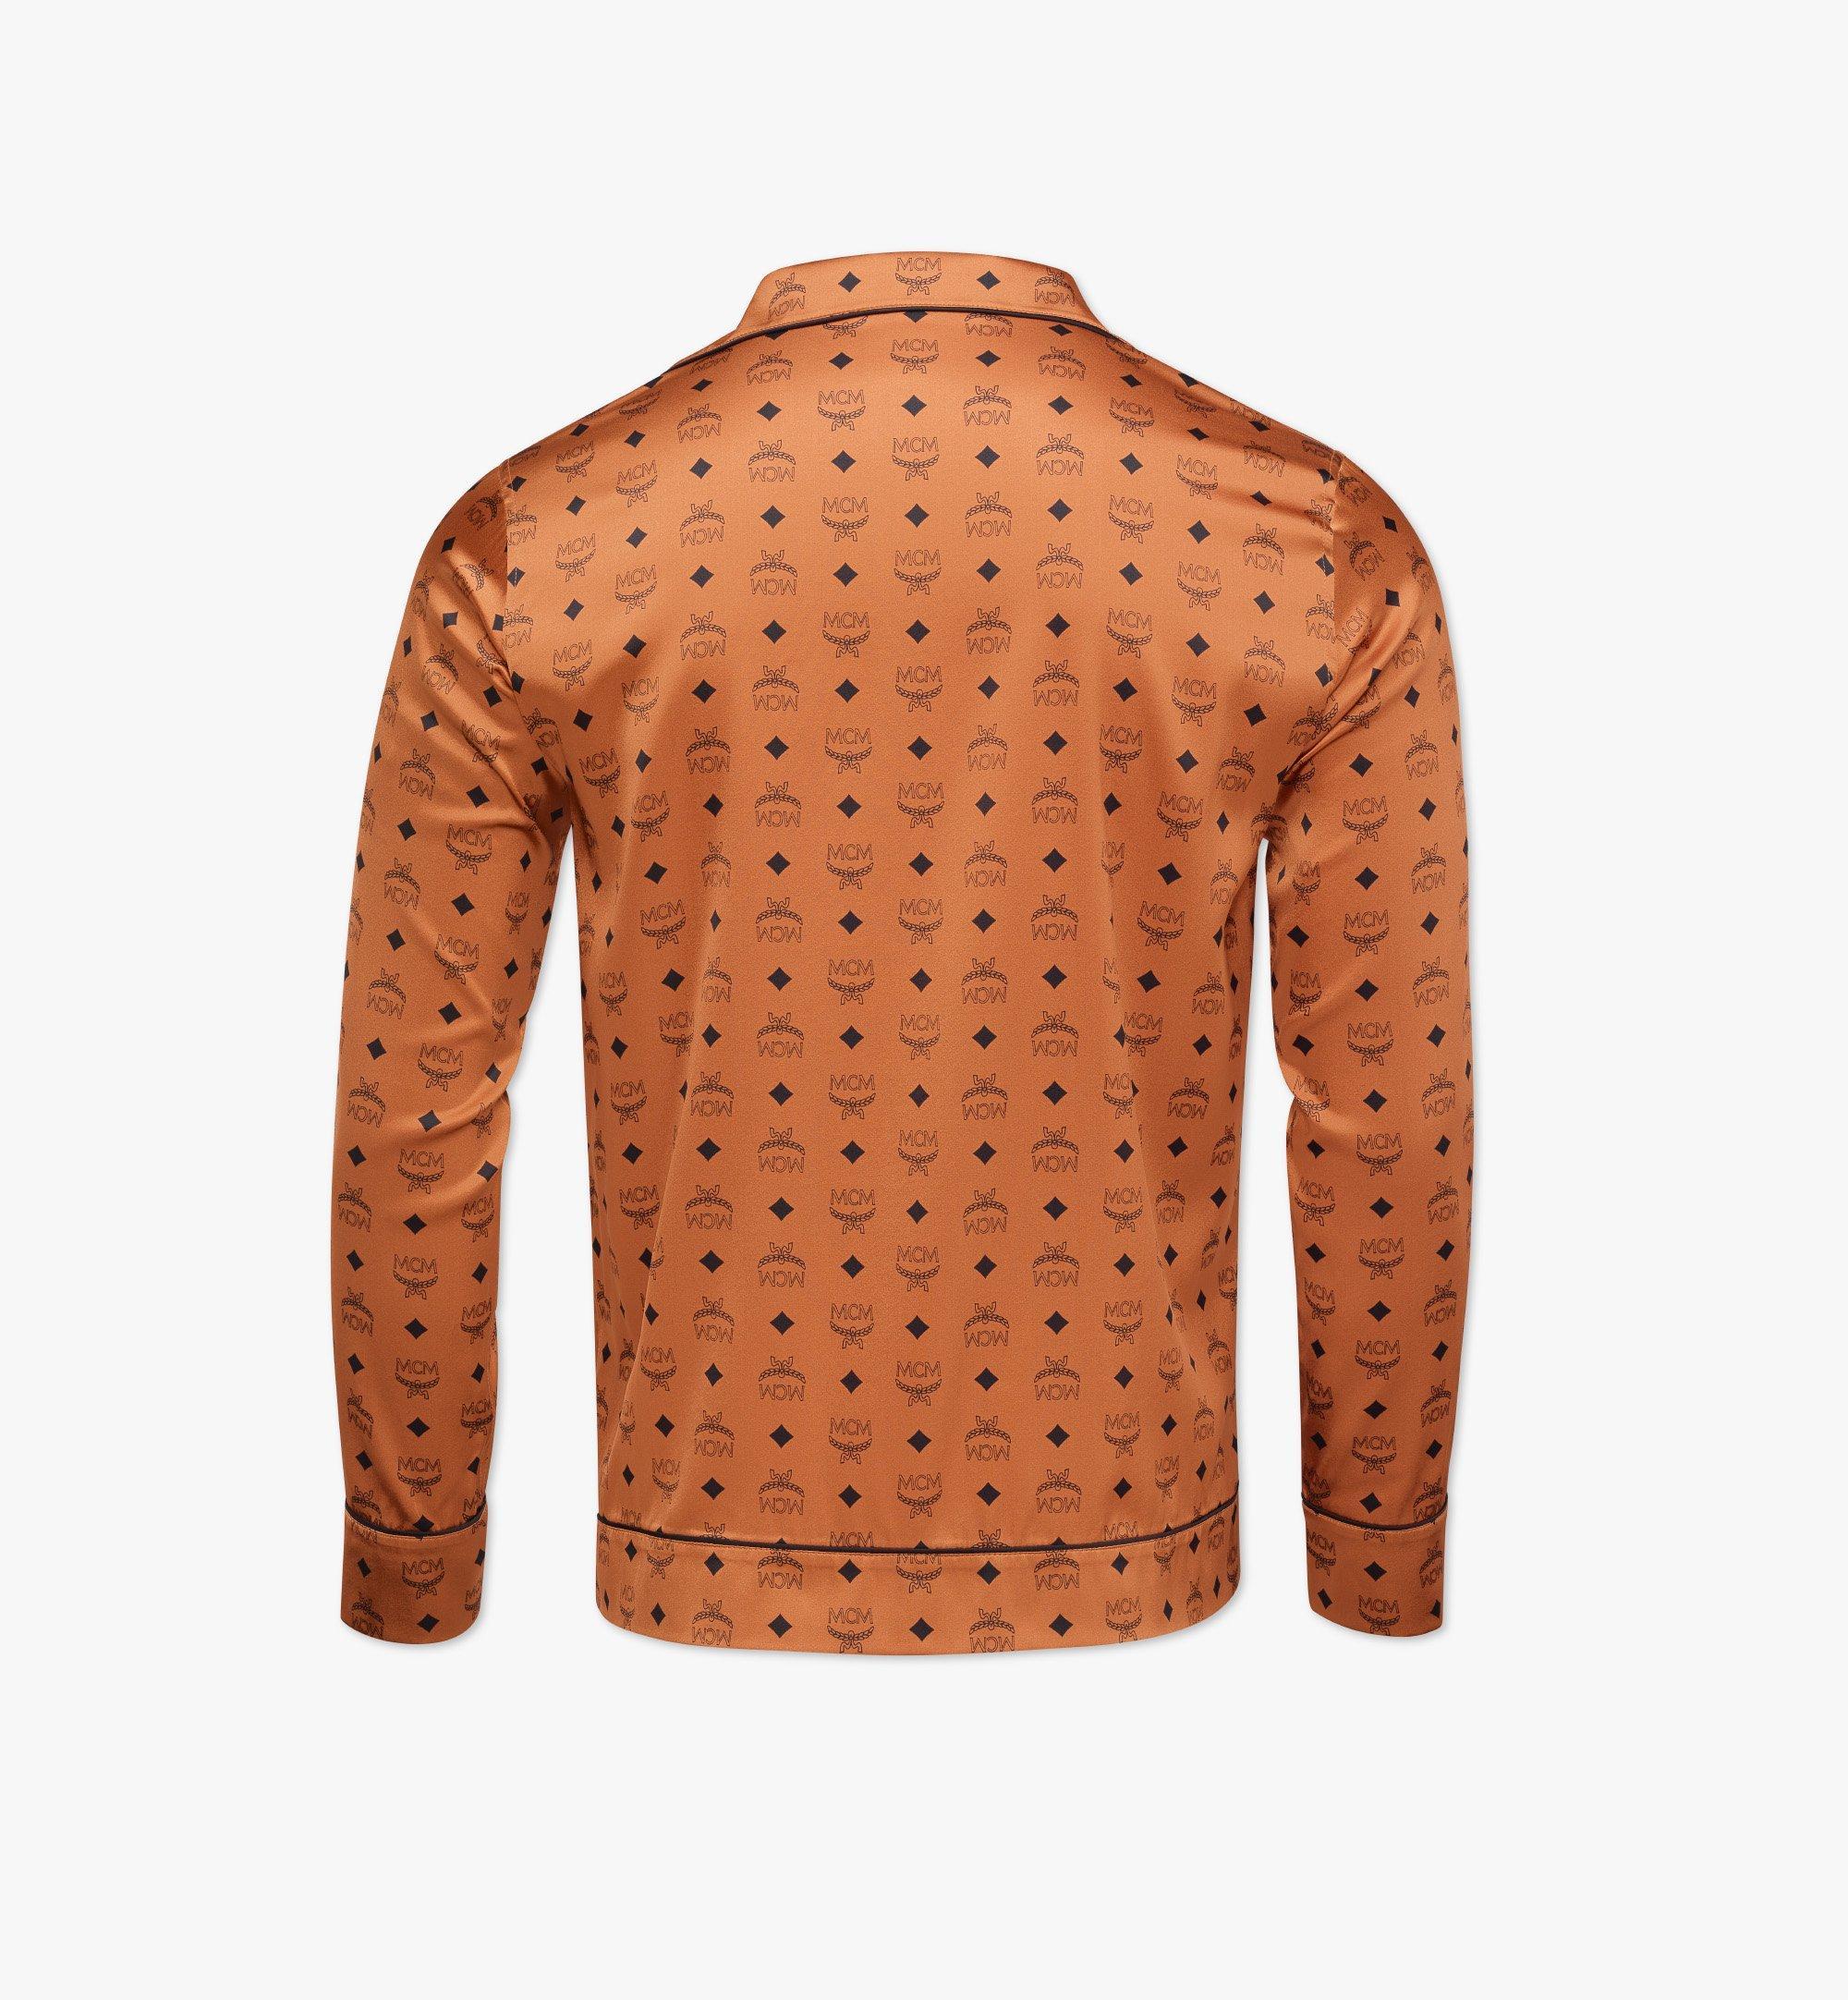 MCM Veste de pyjama classique en soie à imprimé logo Cognac MHXBSMM08CO00S Plus de photos 1